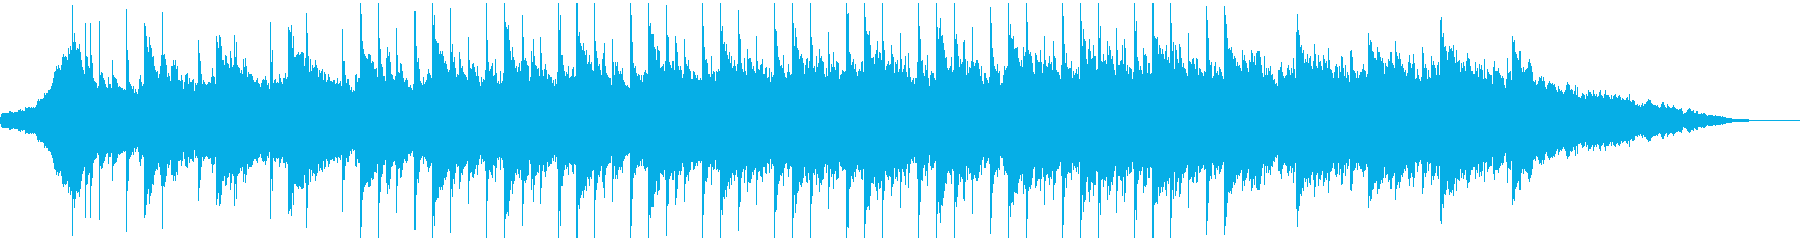 60秒企業VP10コーポレート,ゆったりの再生済みの波形